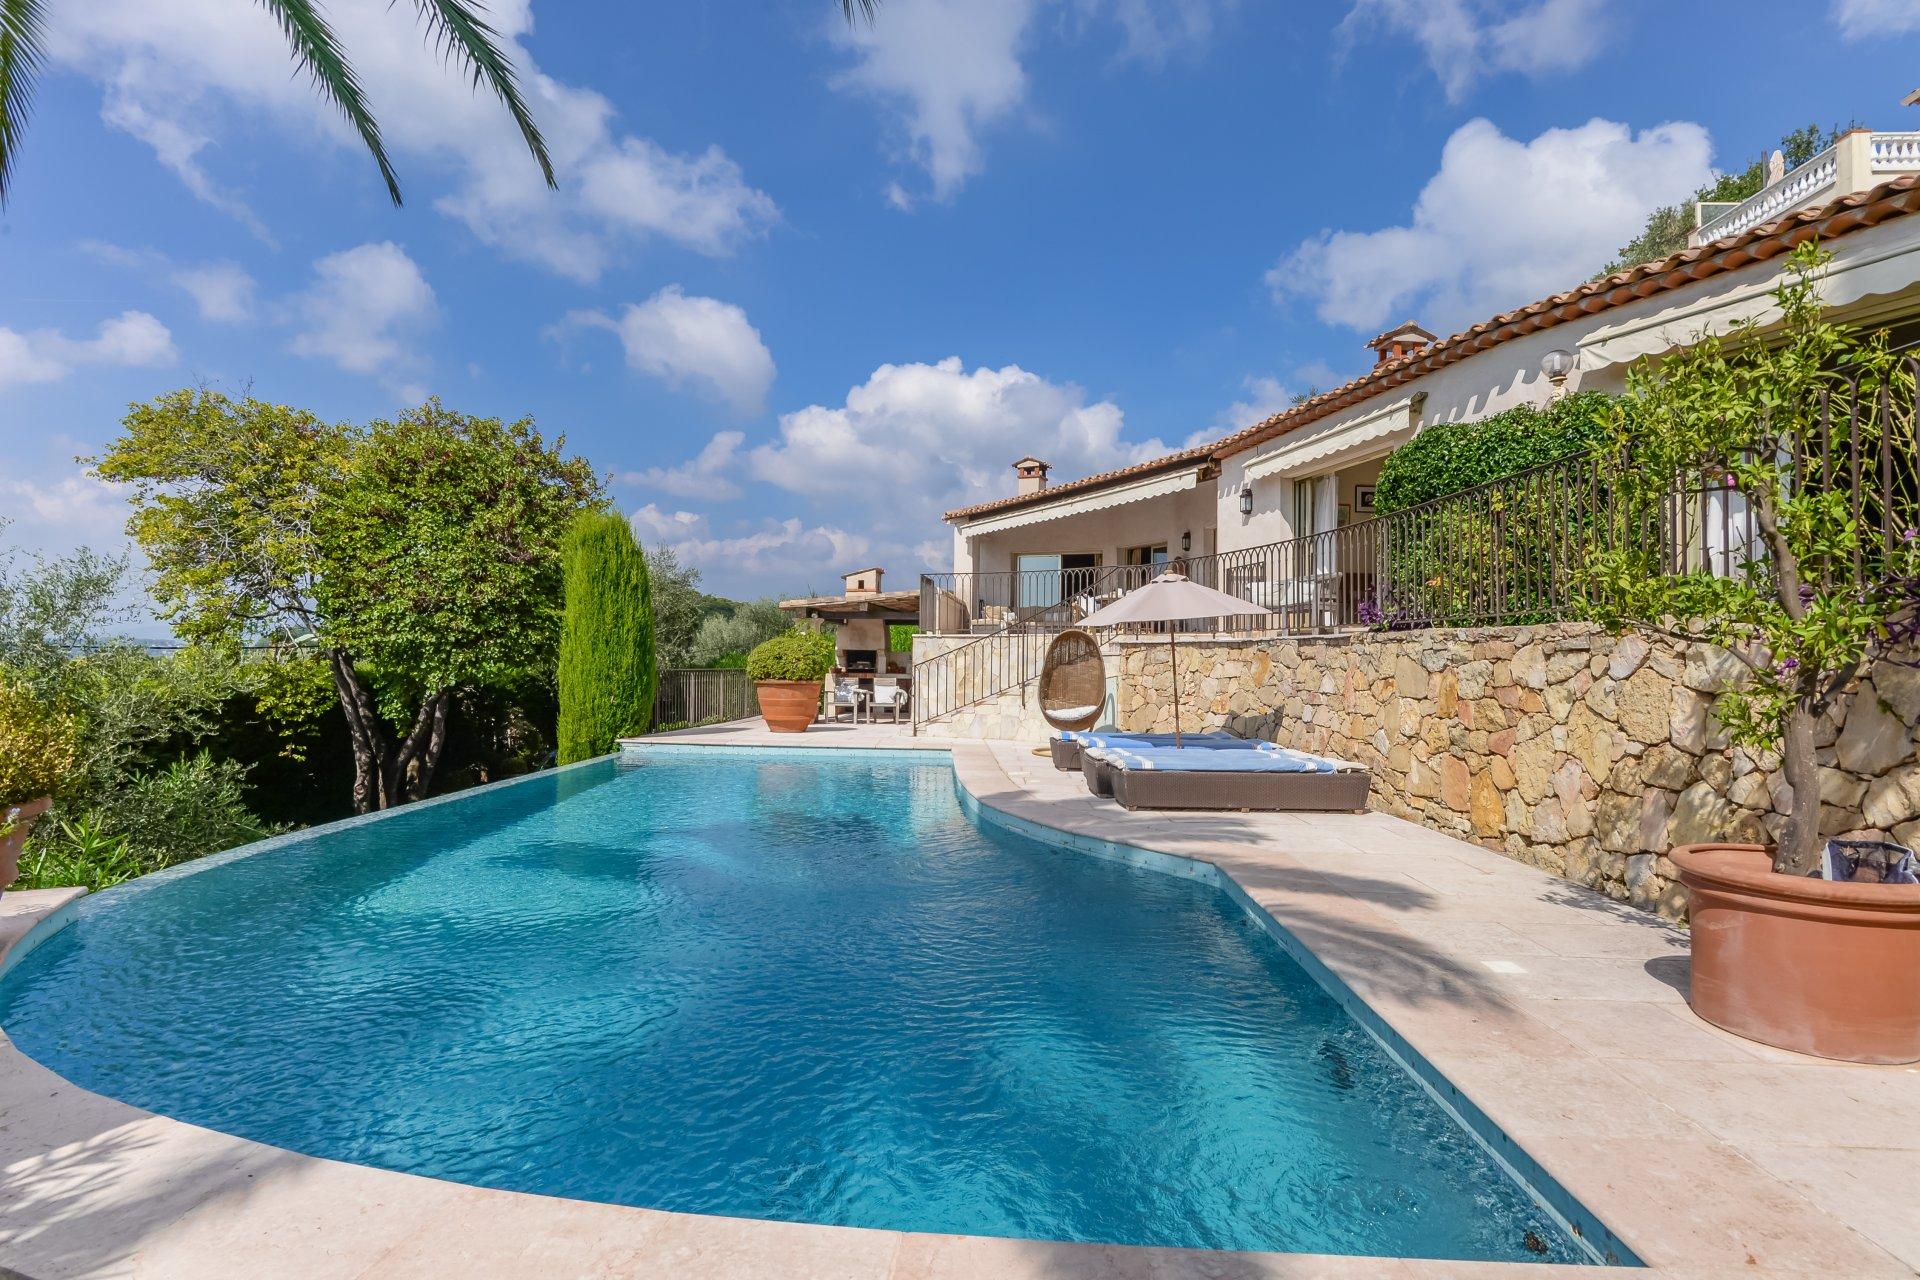 Maison spacieuse, piscine, garage, vue sur mer, proche village Cannet